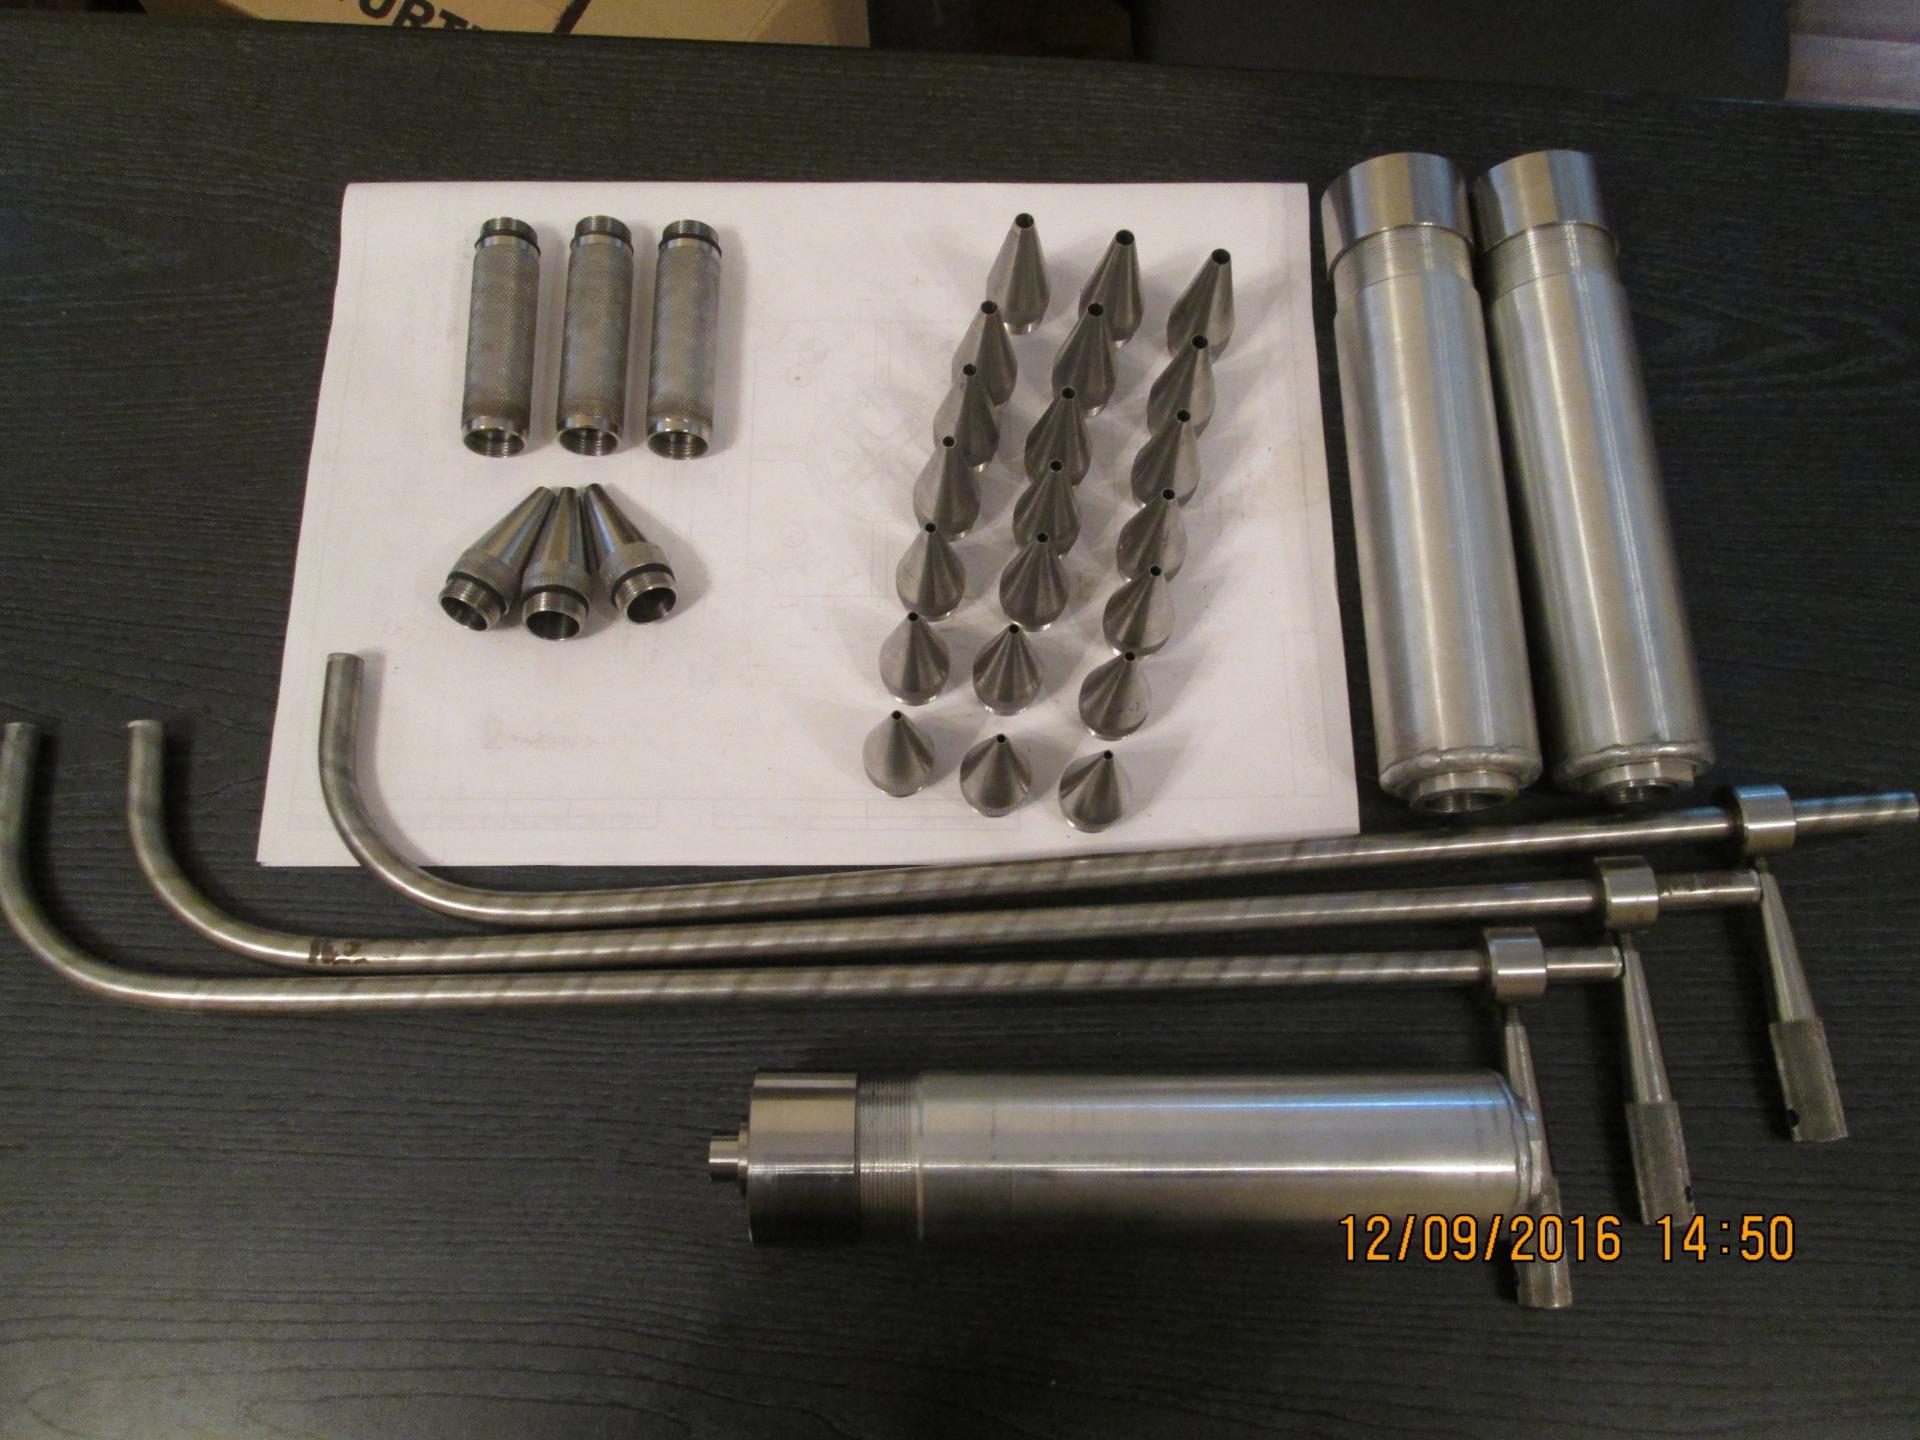 Импактор, Импактор купить, Купить импактор. Импактор в Екатеринбурге, Импактор каскадный, Импактор 664.000А, Импактор каскадный струйный, Импактор ИКС-10, Импактор ИКС-10-4, Импактор ИКС-8, Импактор ИКС-50, производители импакторов, изготовить импактор, изготовители импакторов, импактор цена